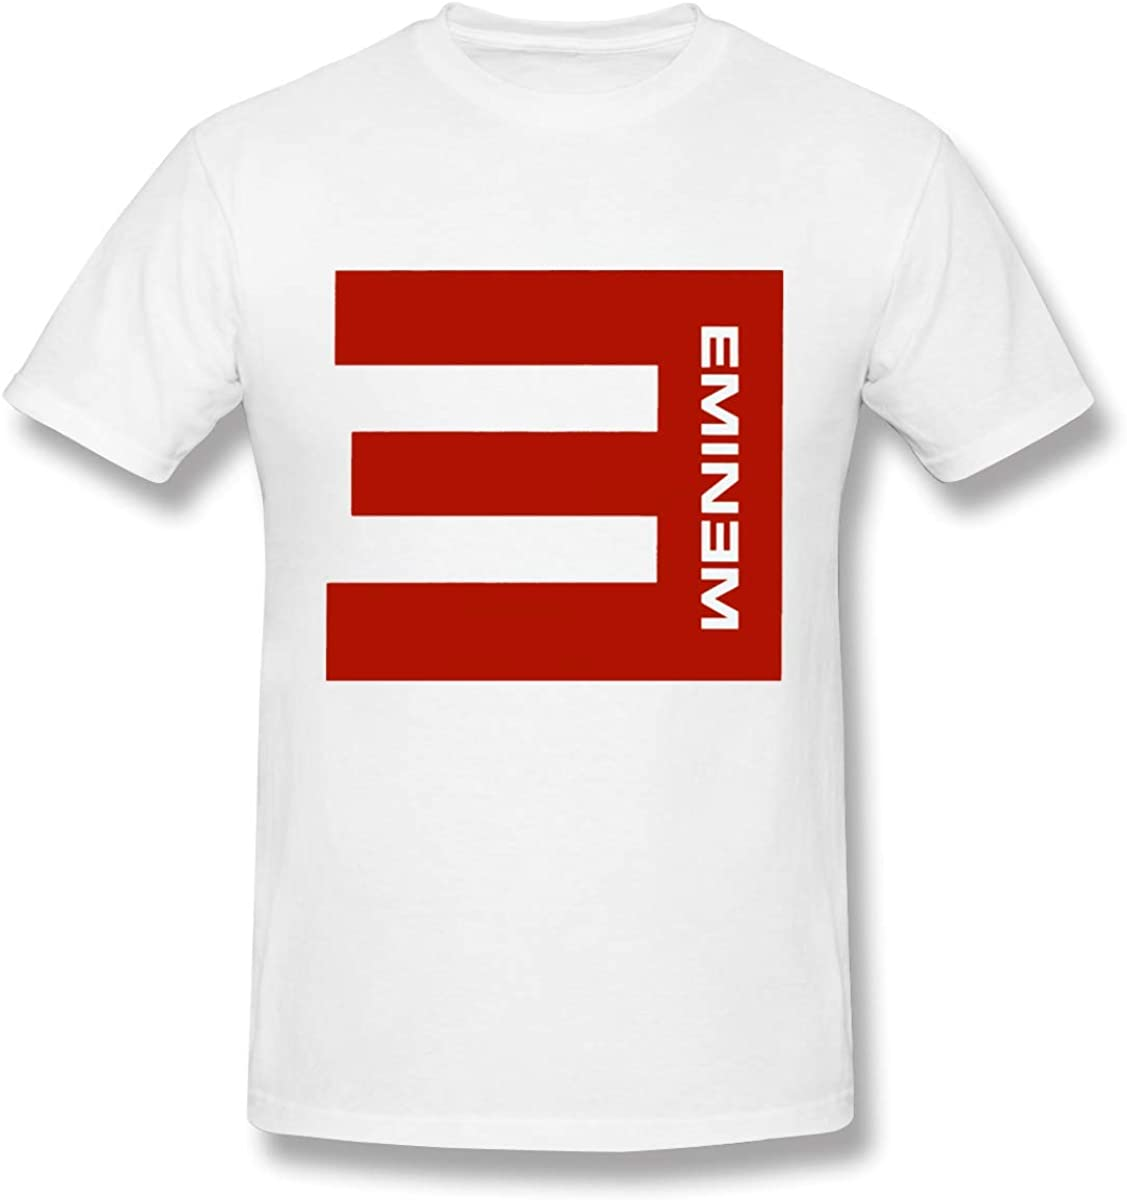 Camisetas básicas de diseño Blanco Eminem para Hombre ...